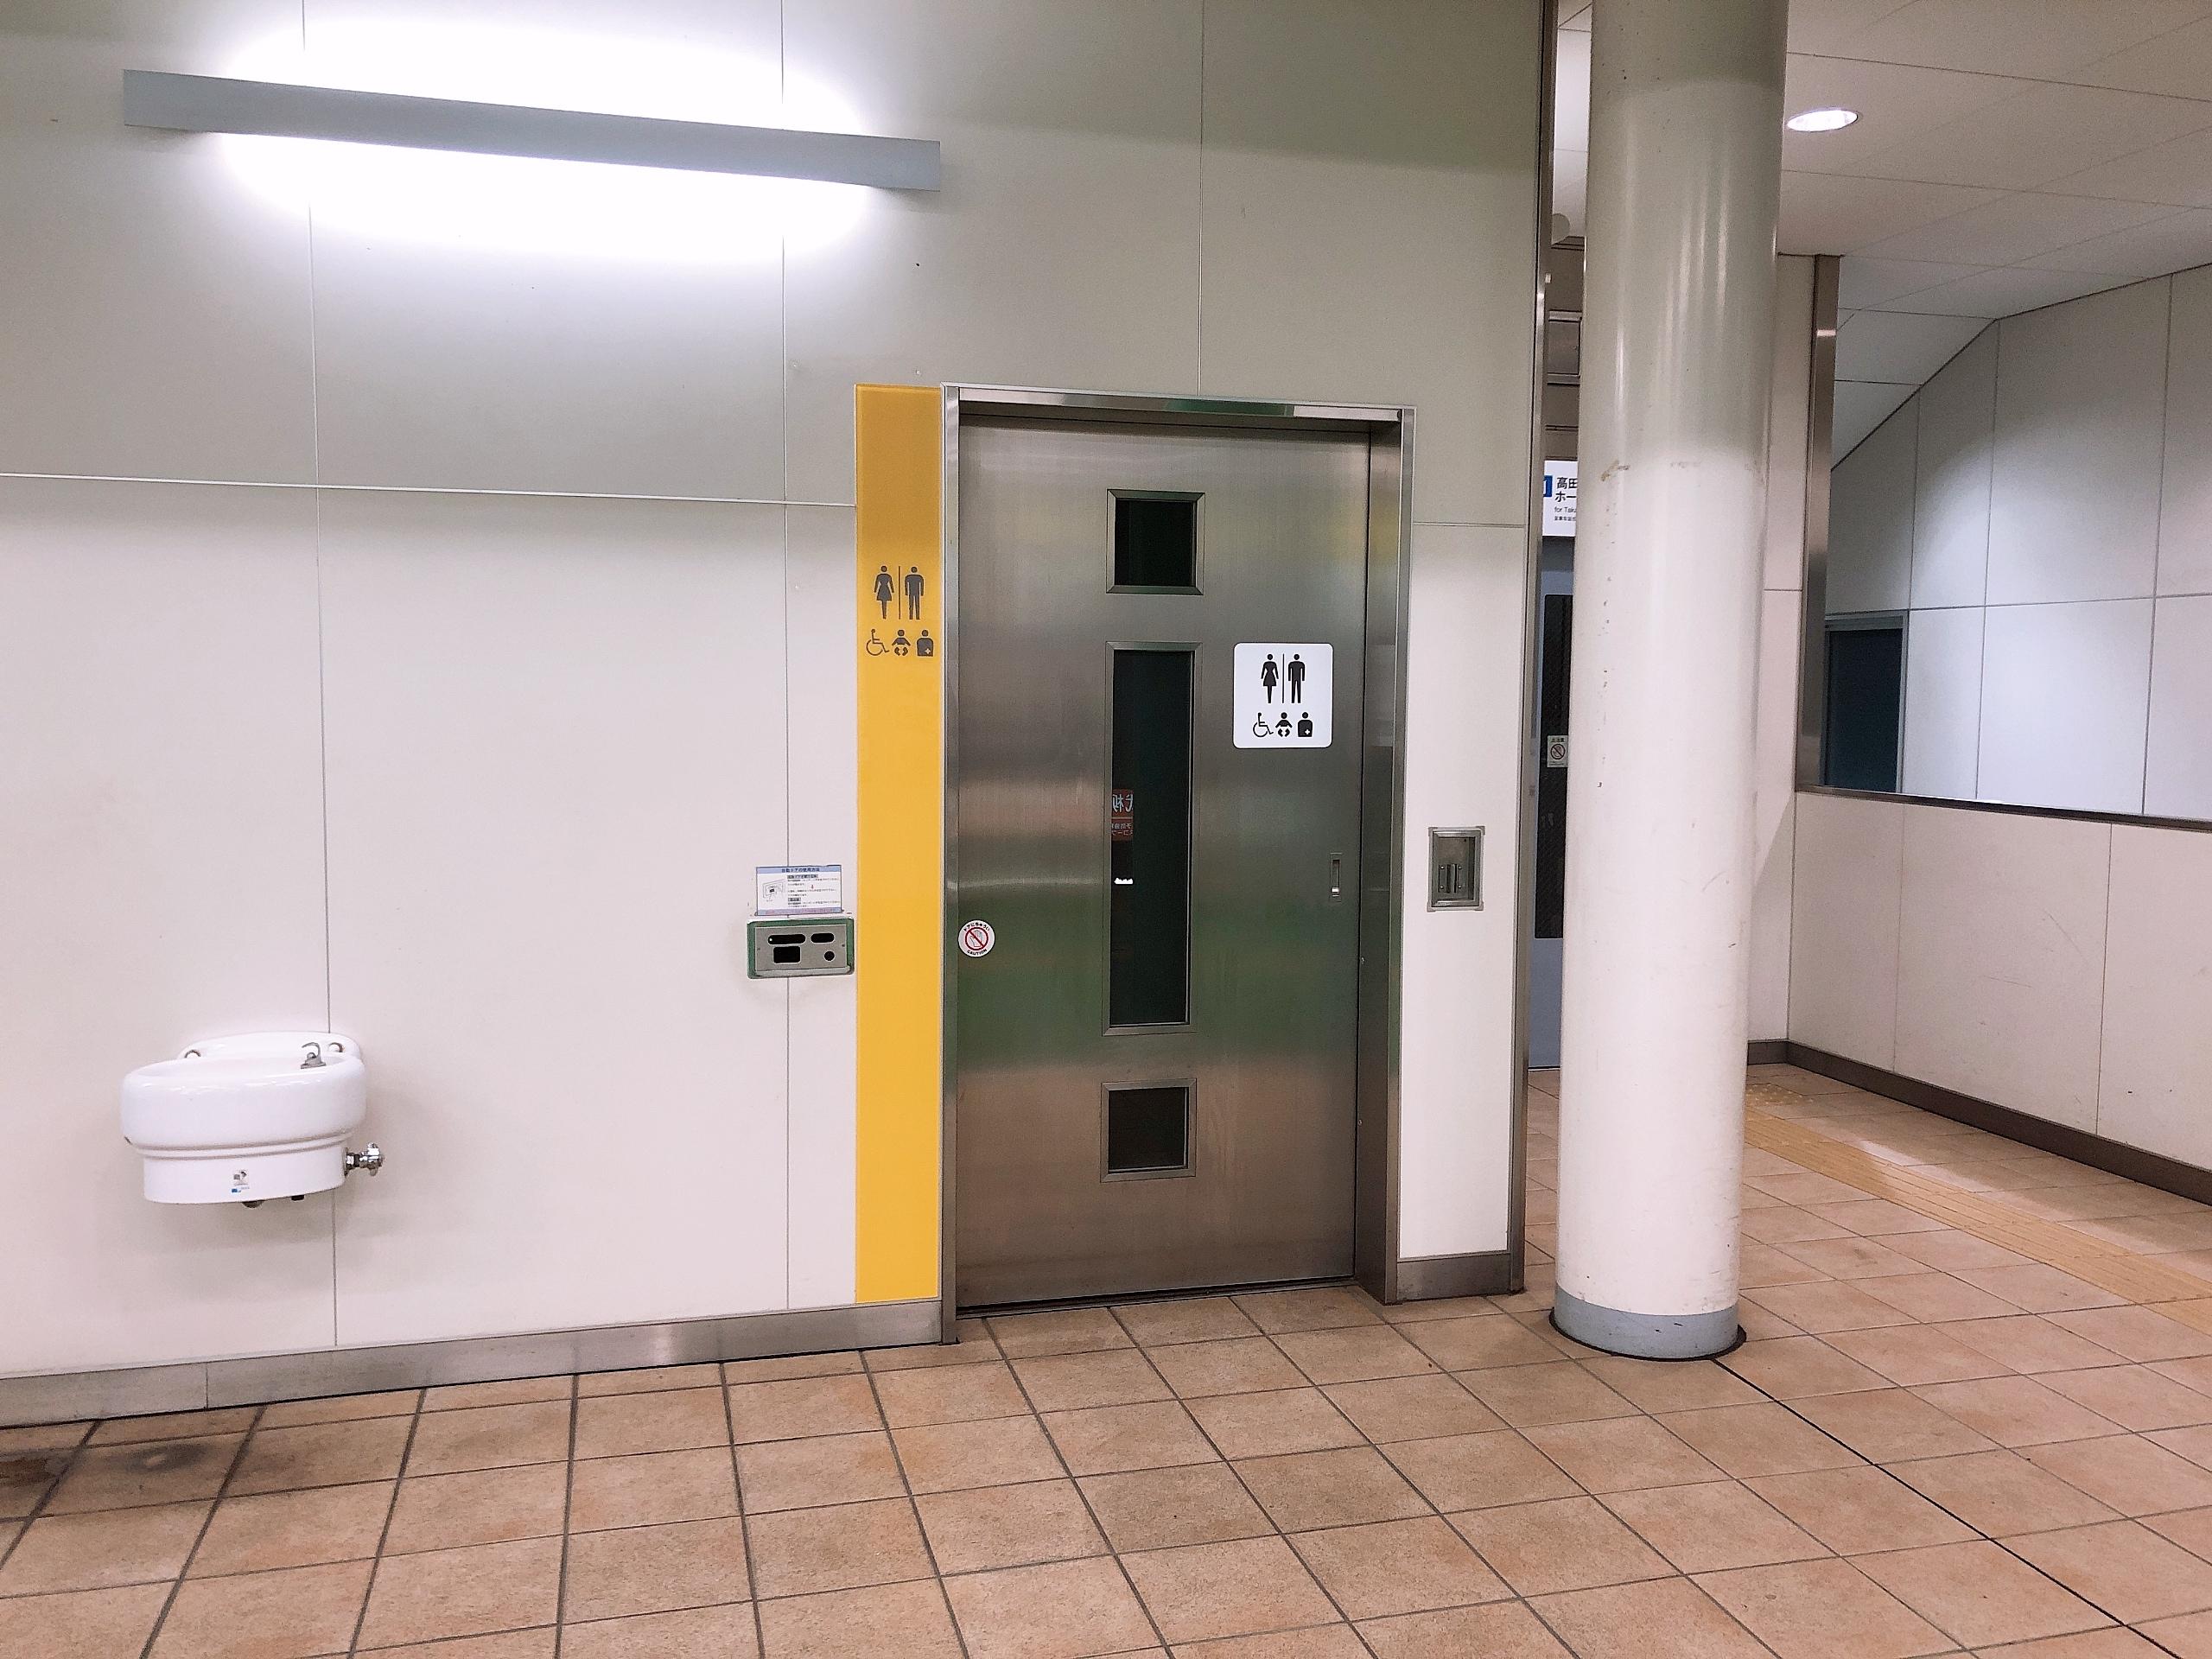 西武柳沢駅に誰でもトイレがありました!